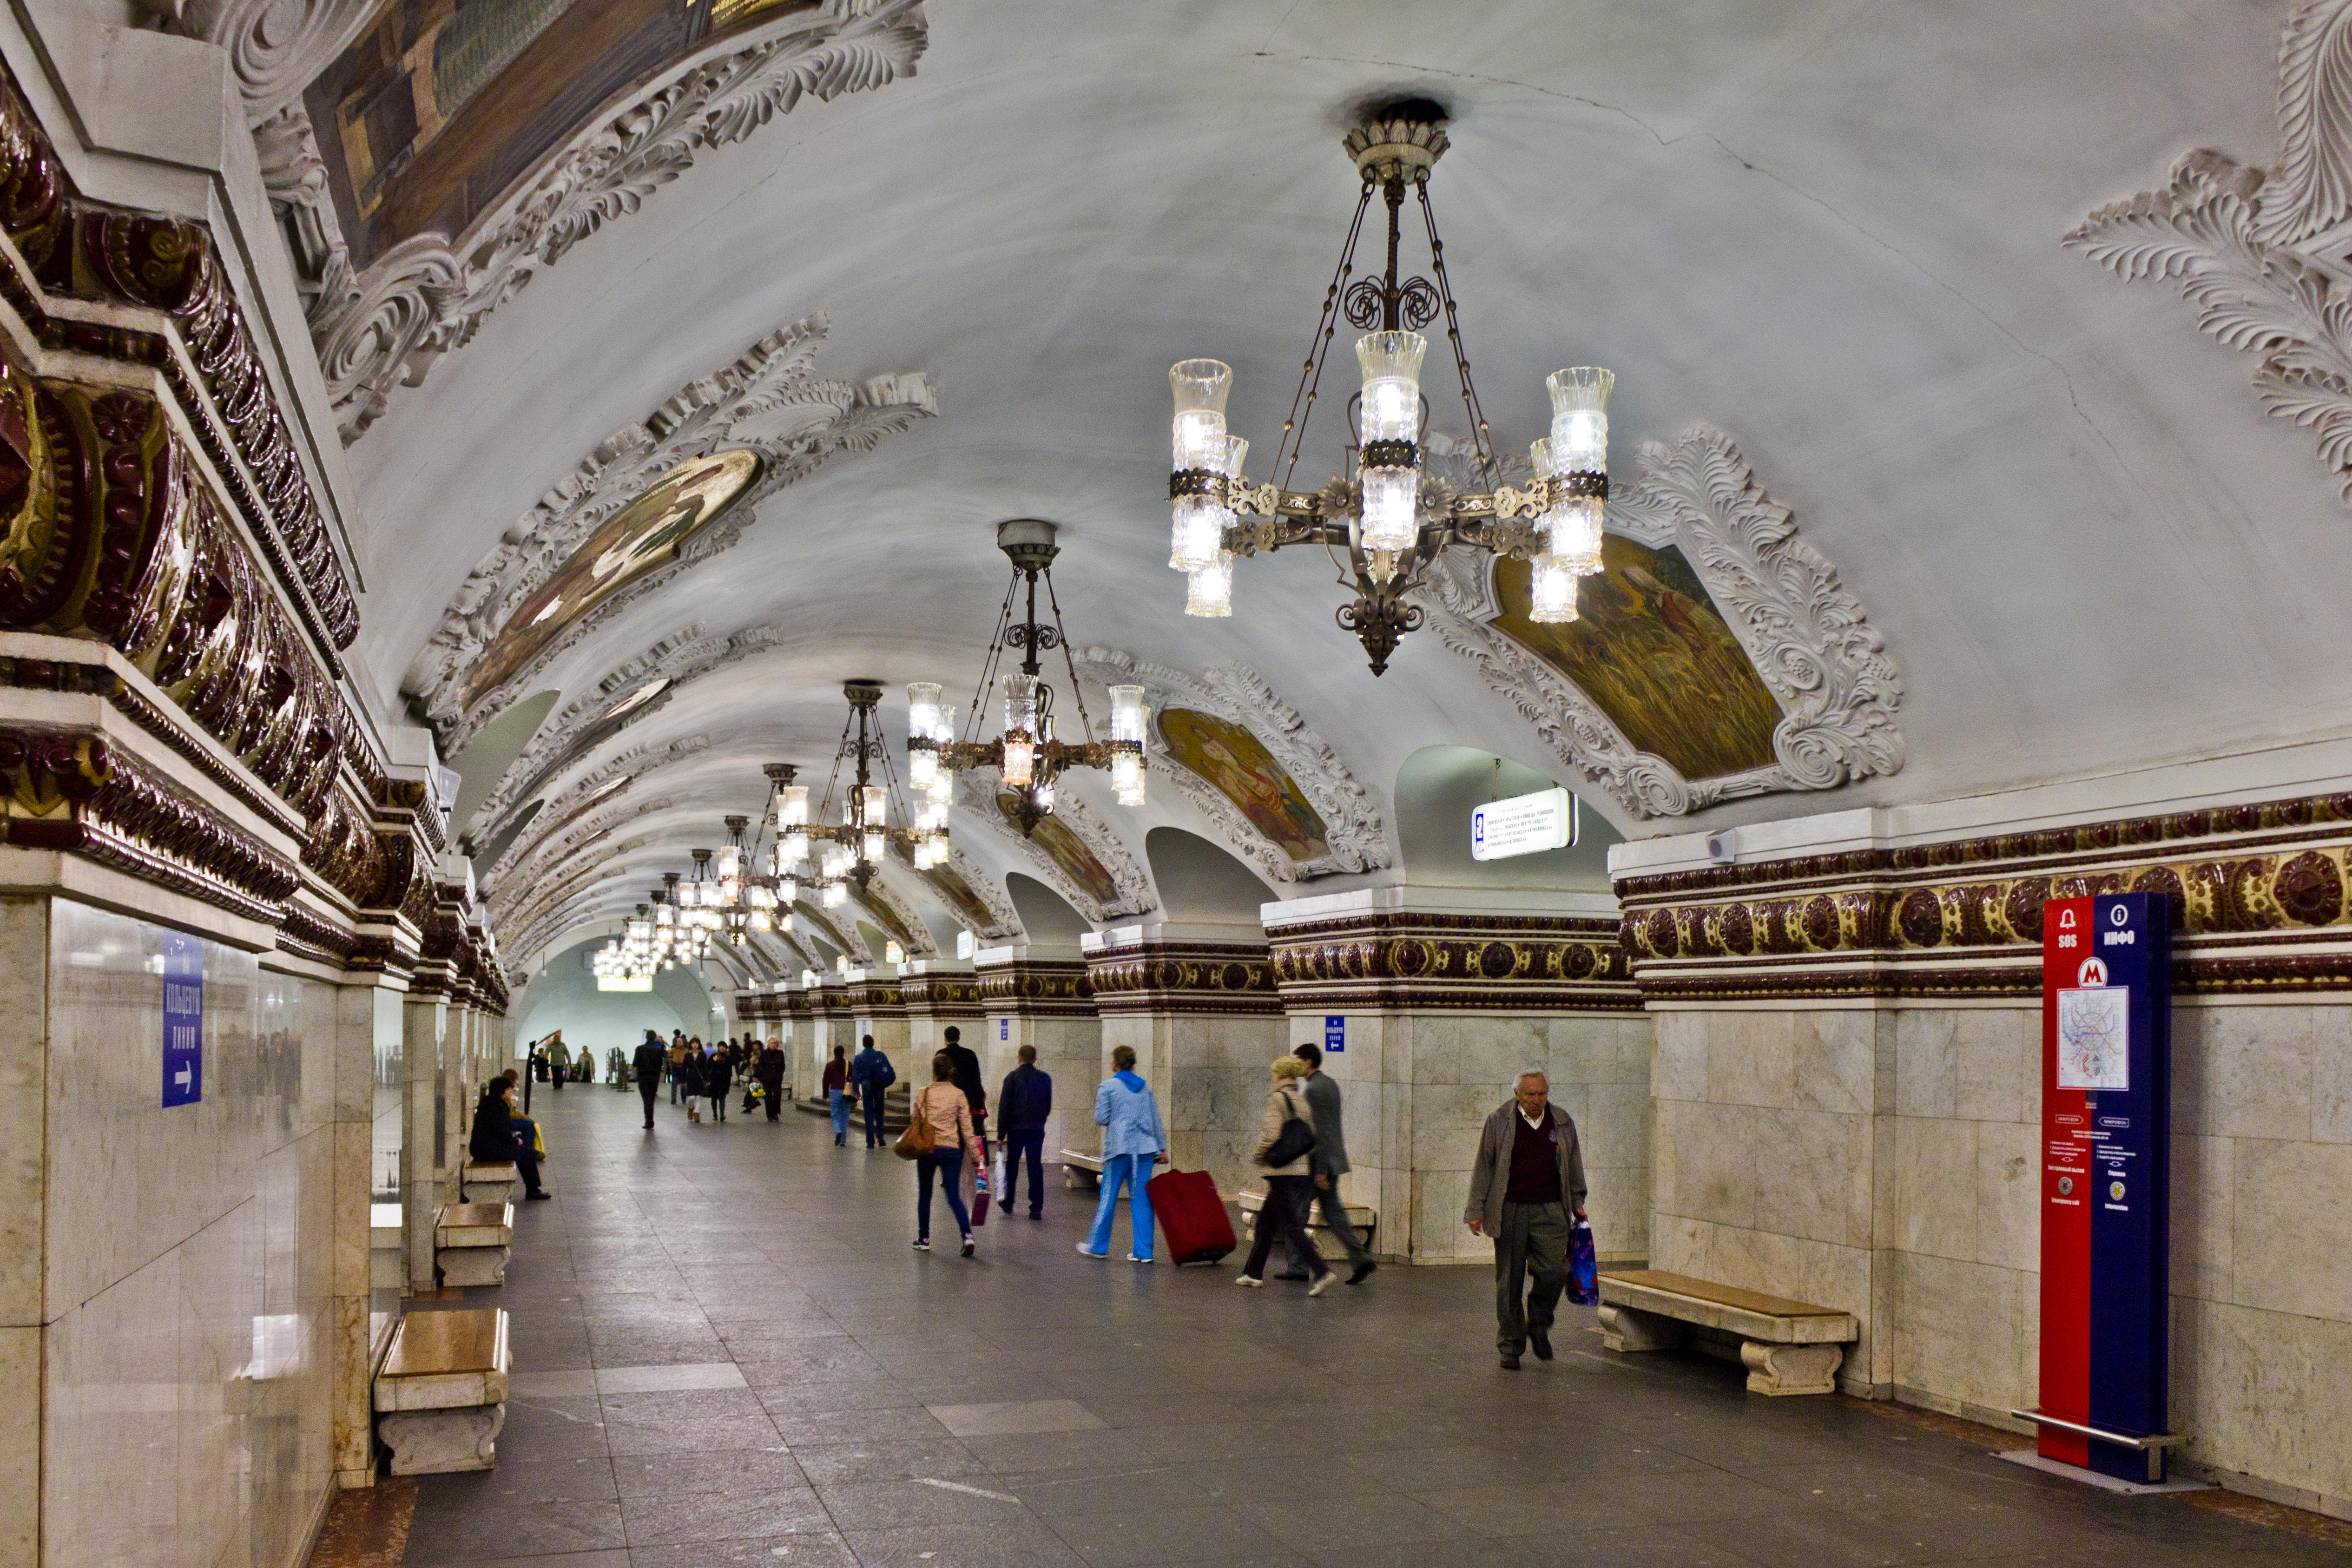 хранят станция метро арбатская фото нарушения комплексов фотовидеофиксации